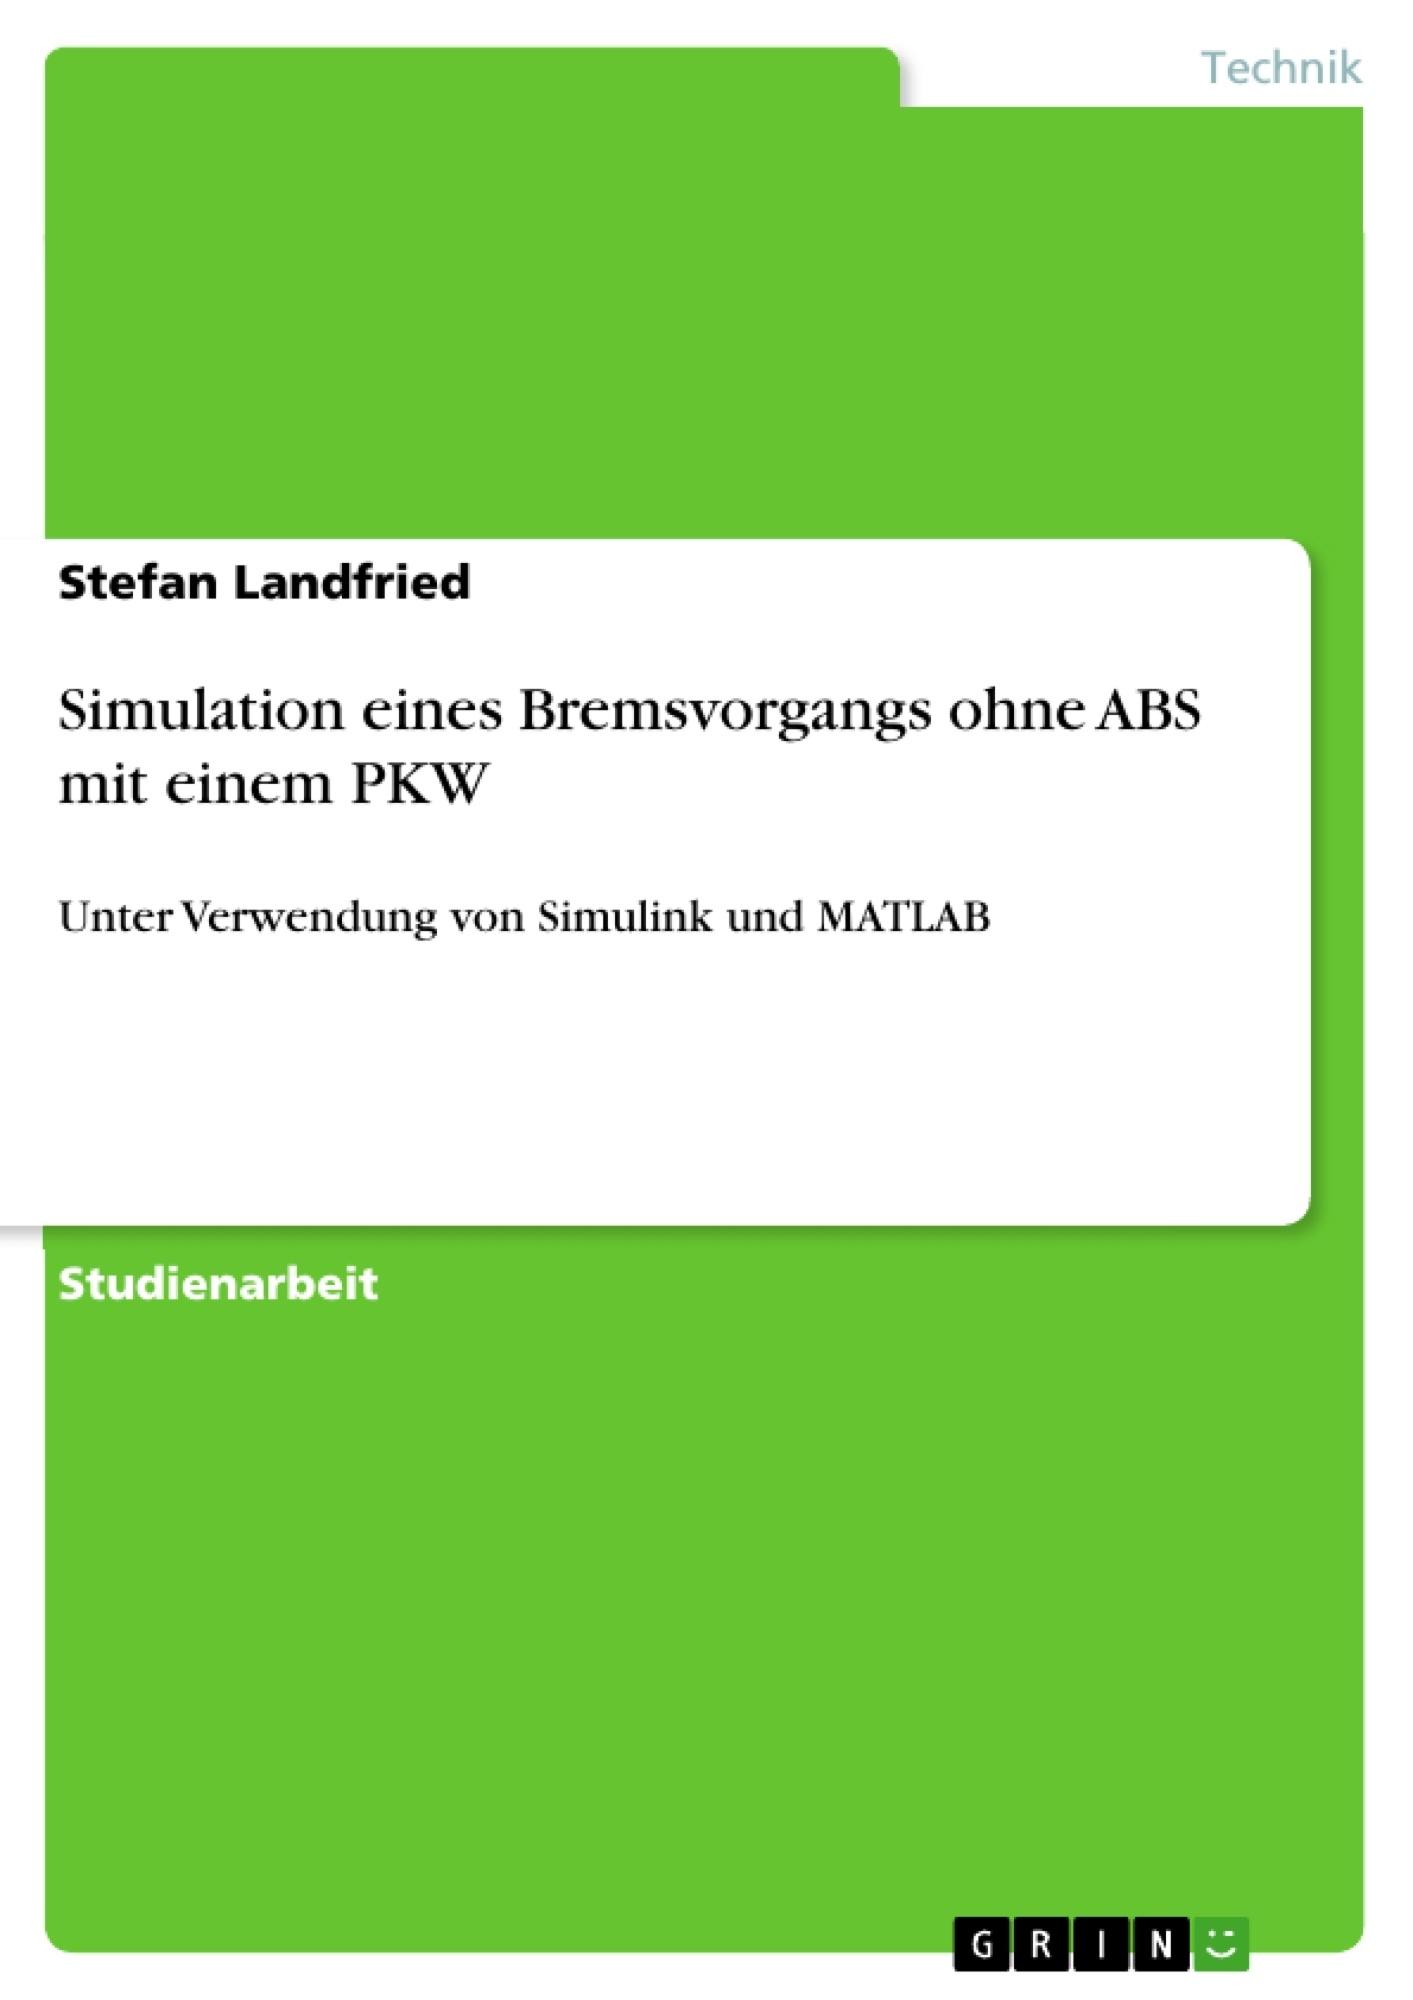 Titel: Simulation eines Bremsvorgangs ohne ABS mit einem PKW